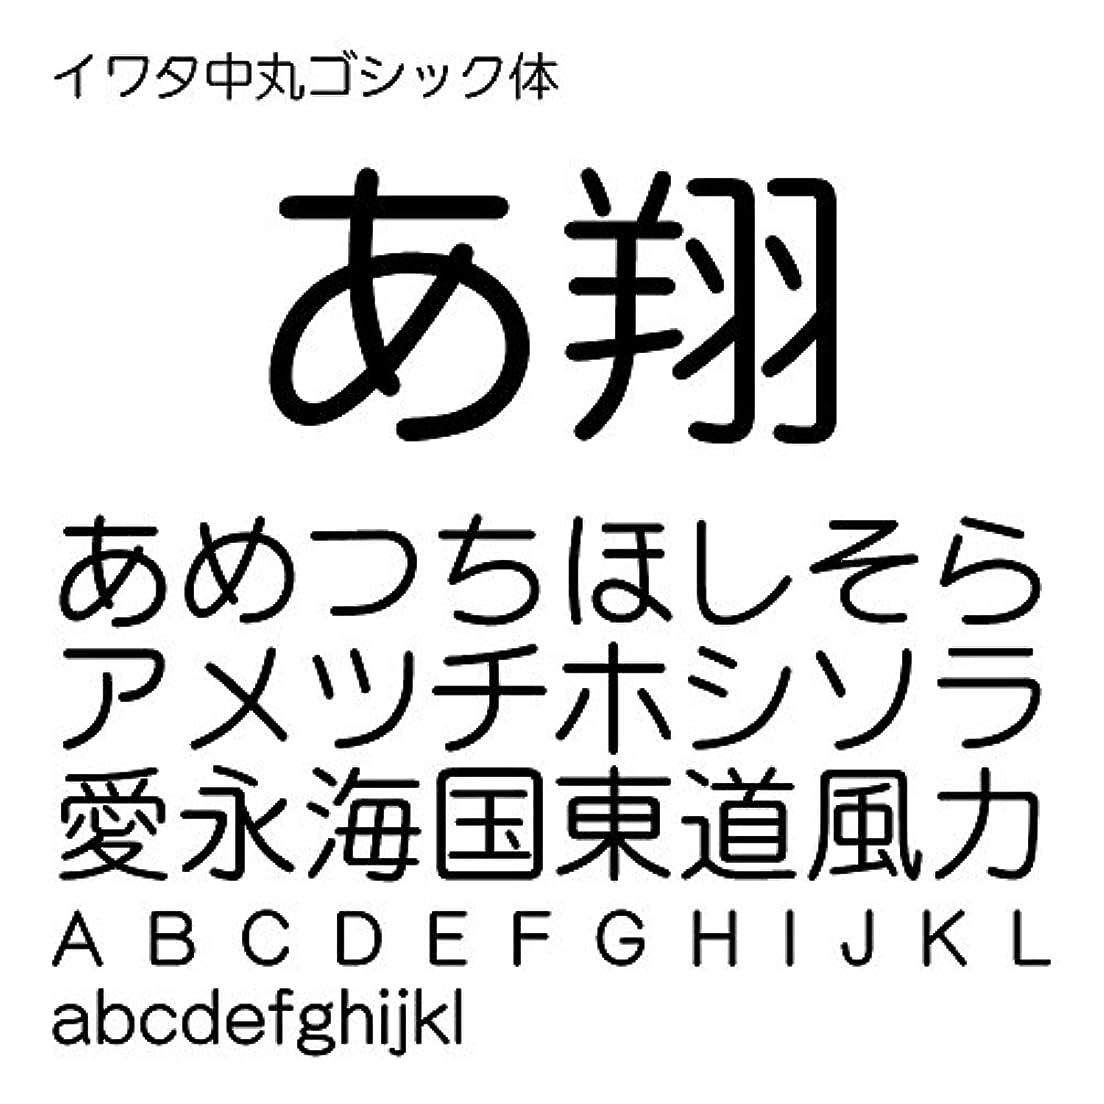 川キノコ転送イワタ中丸ゴシック体Pro OpenType Font for Windows [ダウンロード]